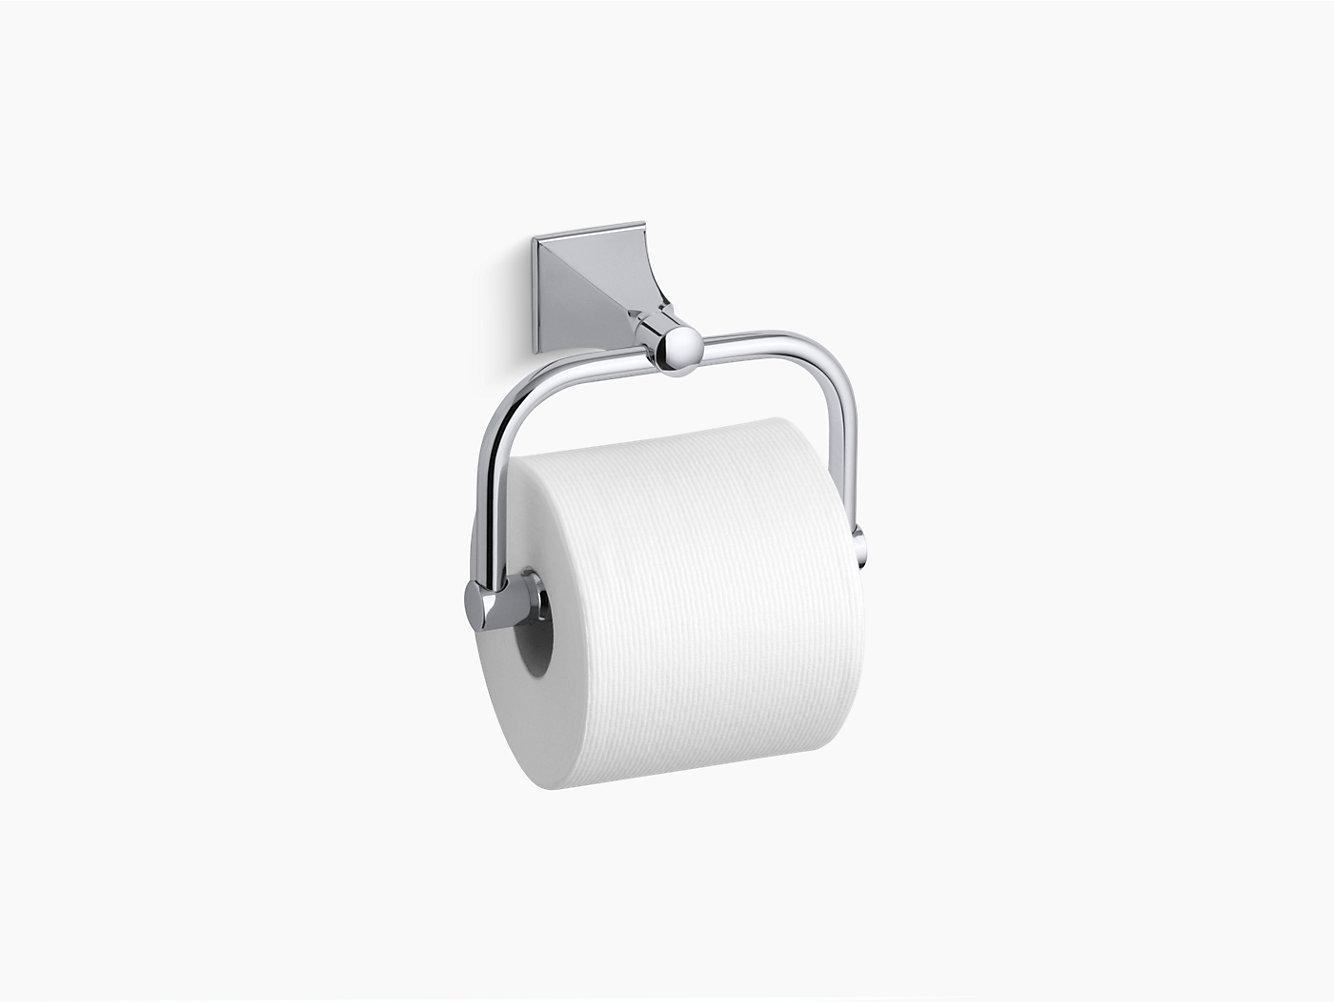 Memoirs Toilet Tissue Holder with Stately Design | K-490 | KOHLER